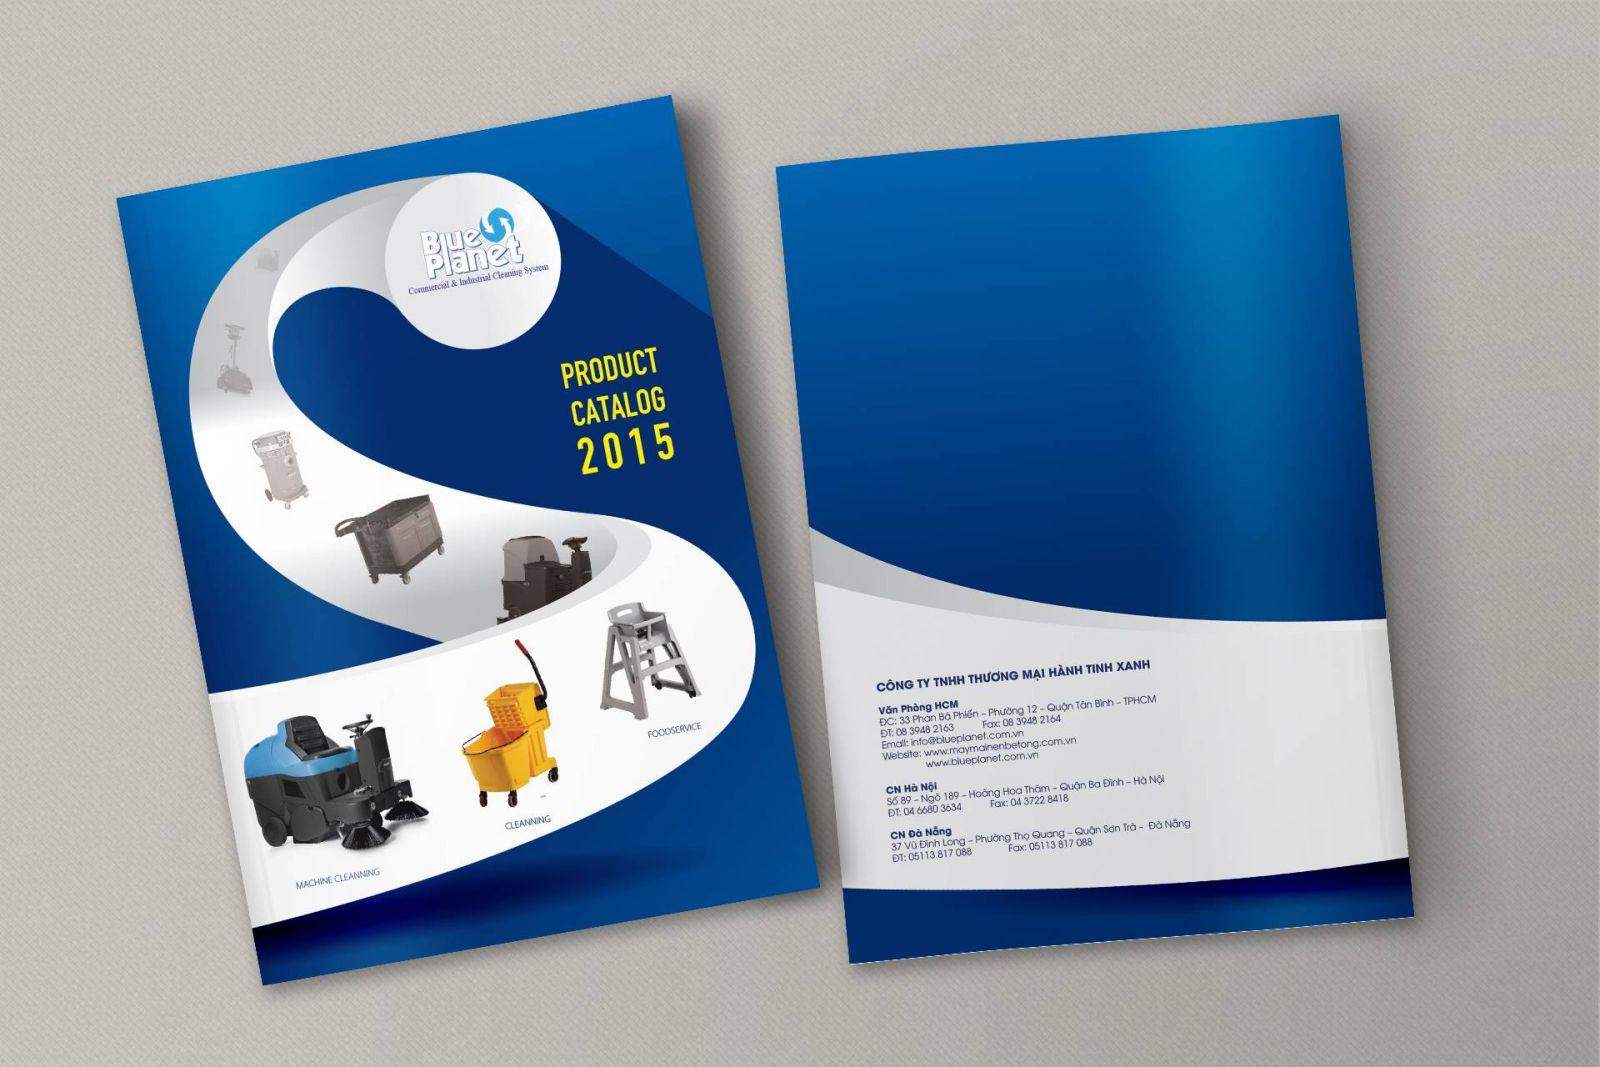 Catalog có vai trò quan trọng trong việc quảng bá sản phẩm cho doanh nghiệp